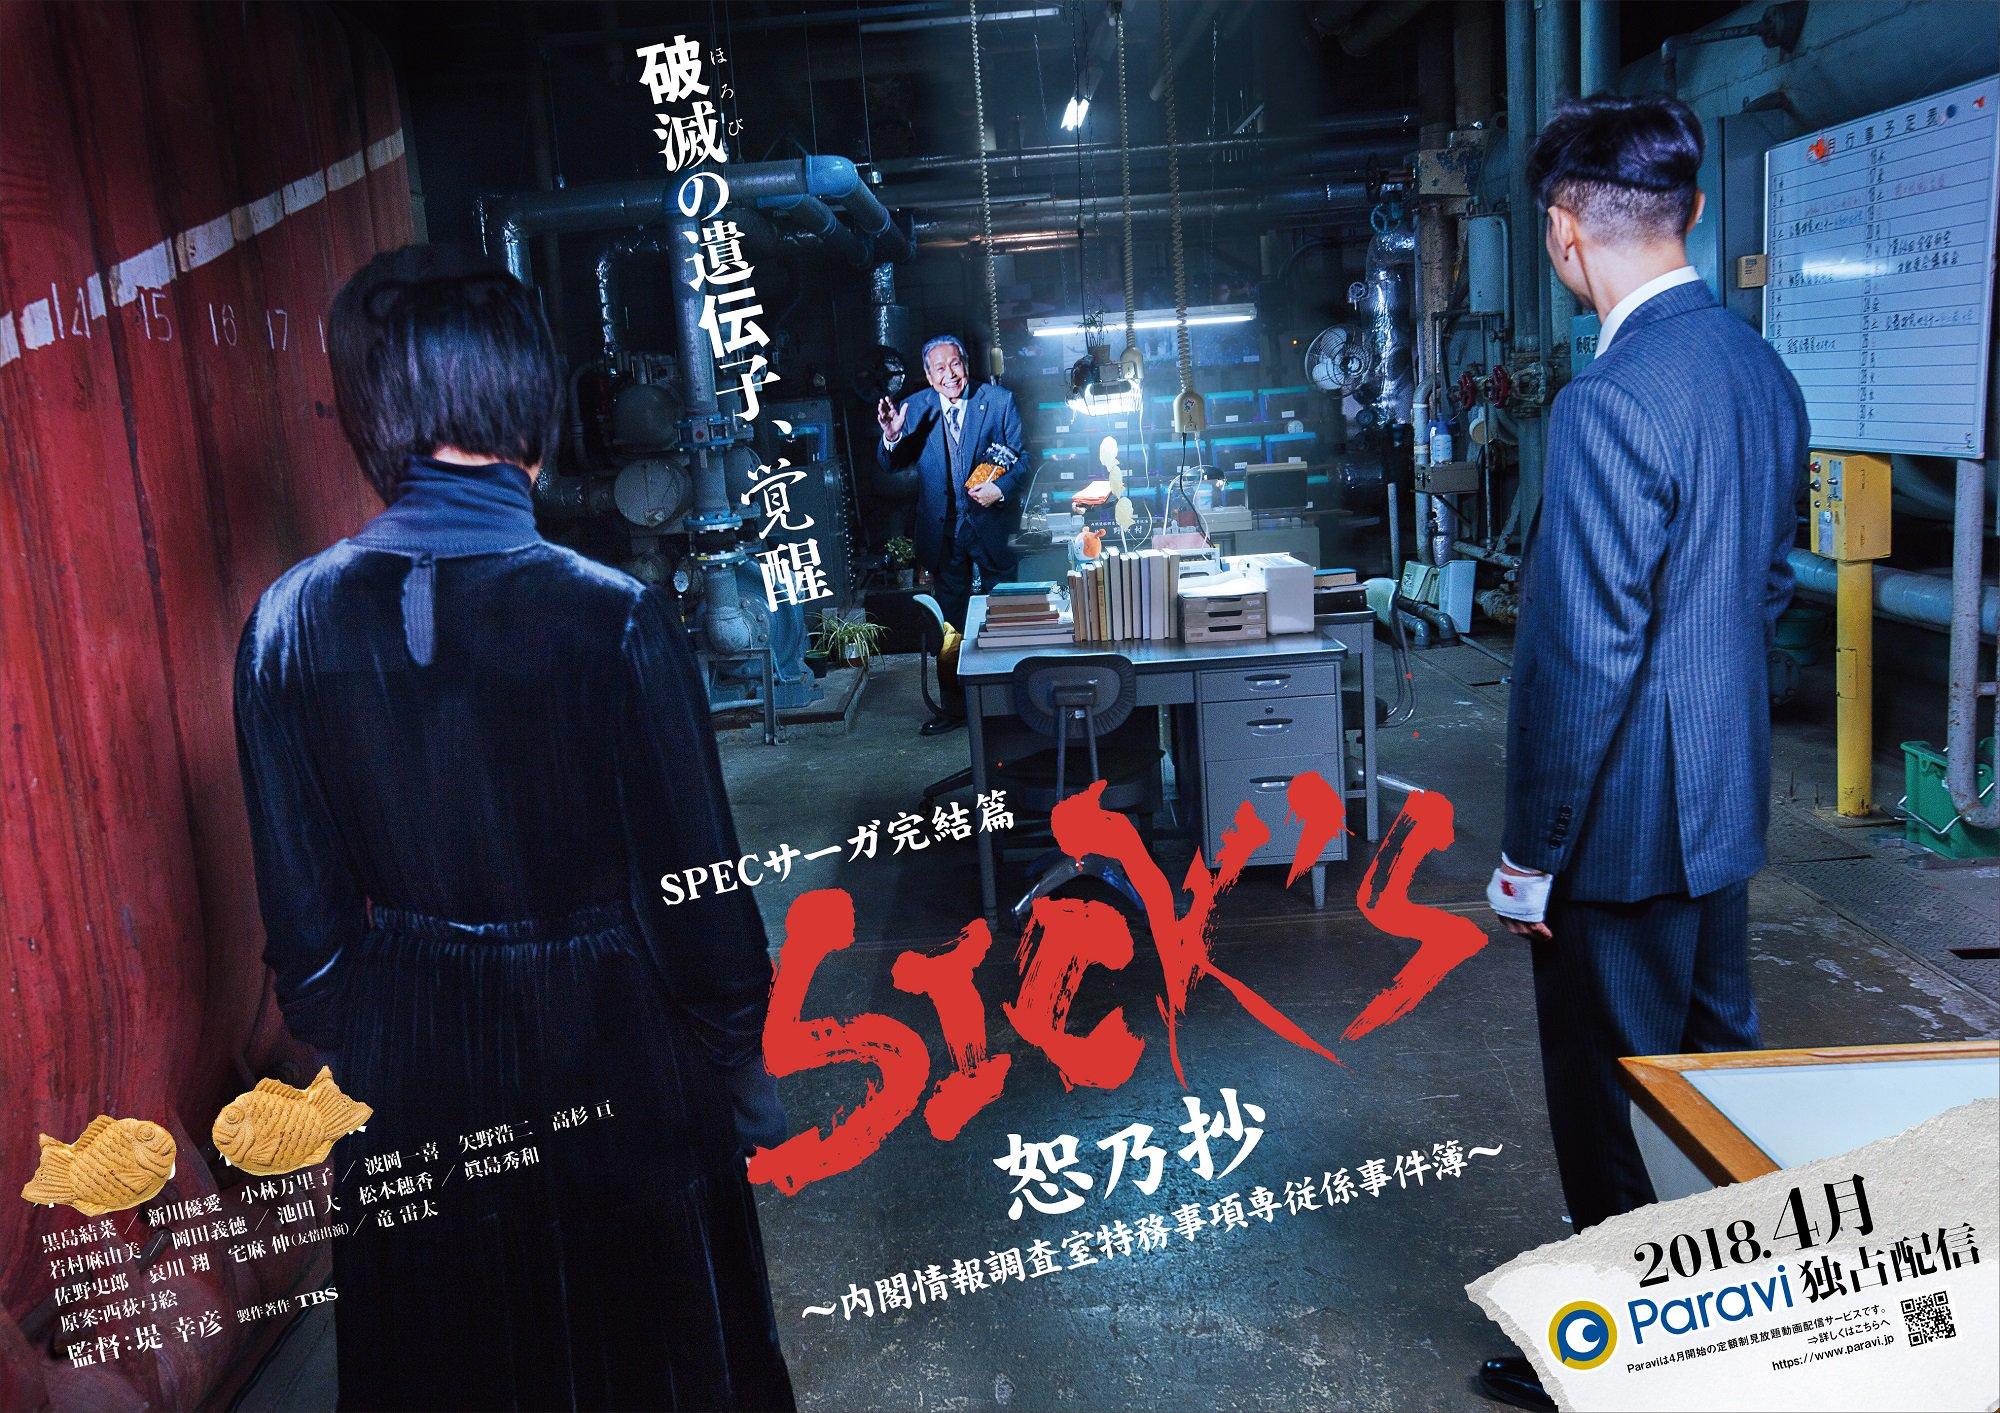 『ケイゾク』『SPEC』に続くSPECサーガ完結篇『SICK'S 恕乃抄』ネット配信限定で公開決定!